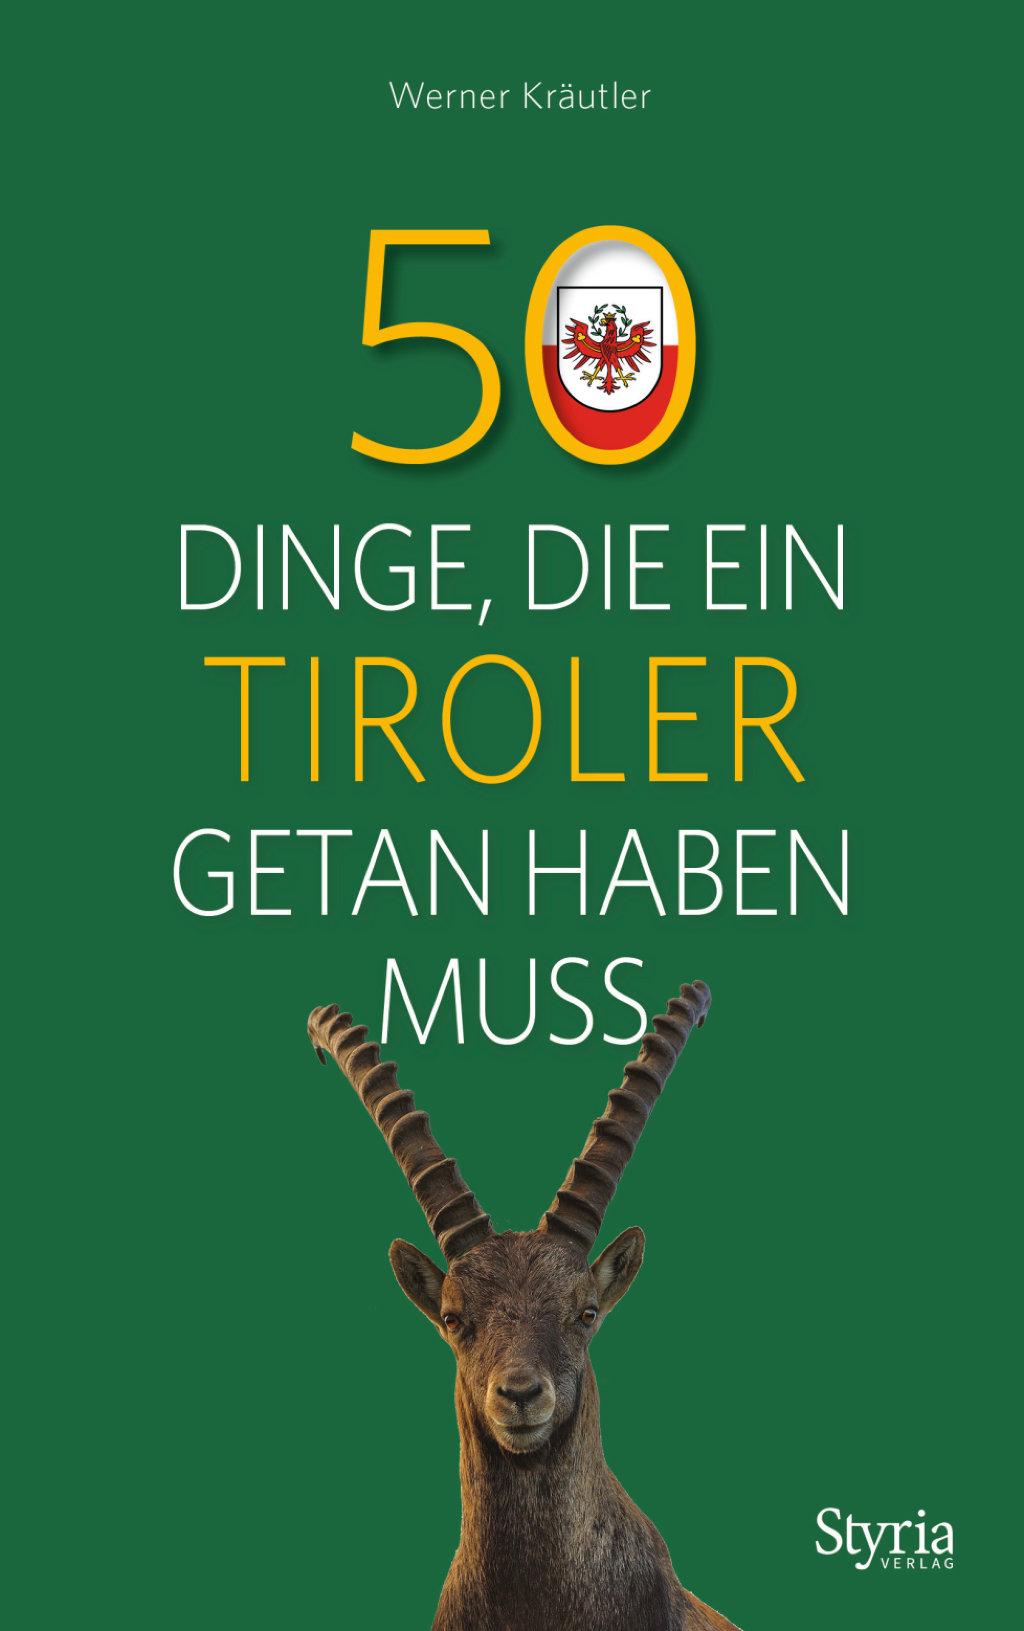 50 Dinge, die ein Tiroler getan haben muss - styriabooks.at